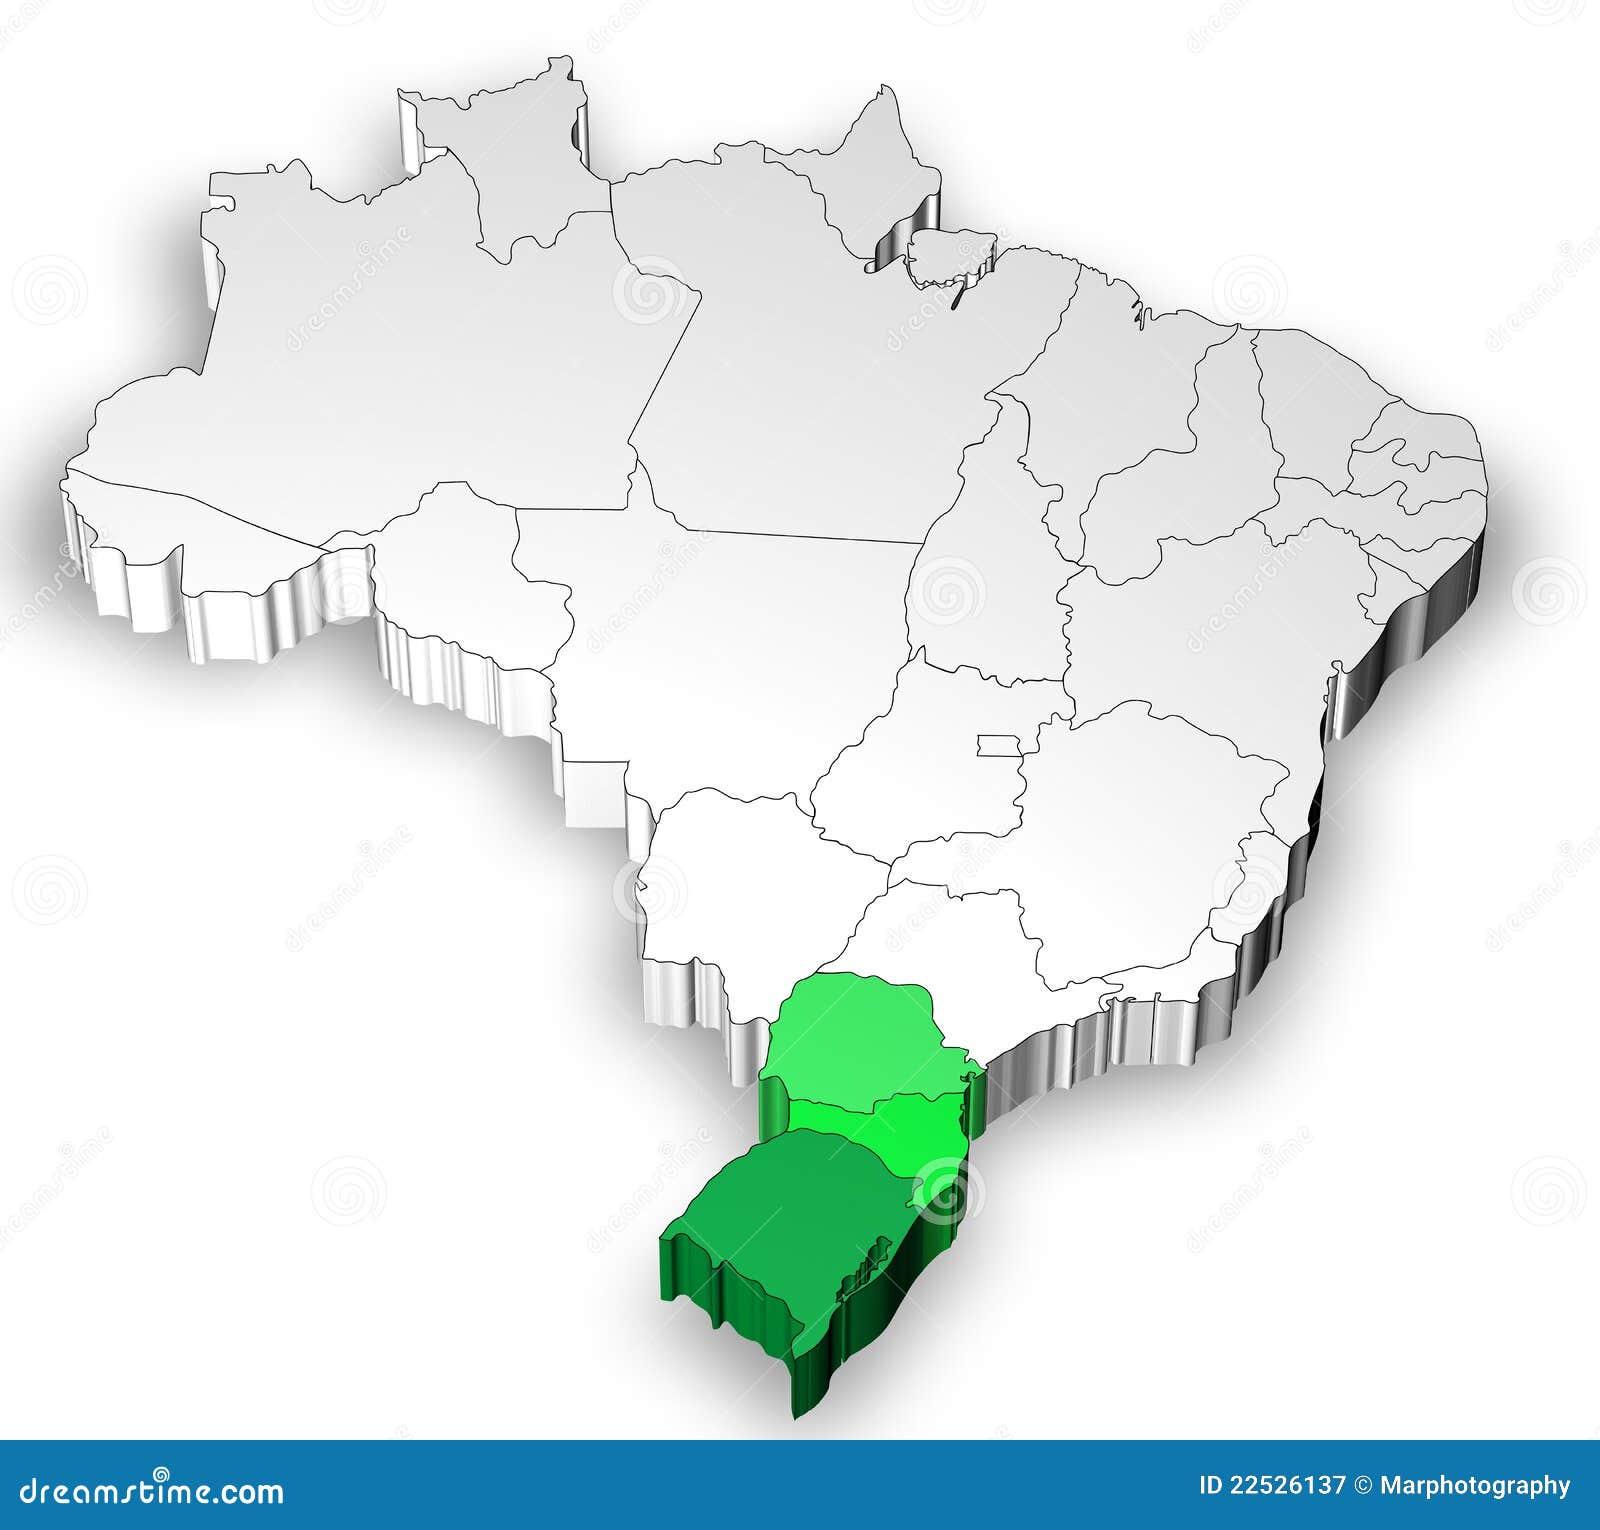 Programma tridimensionale del Brasile con la regione del sud